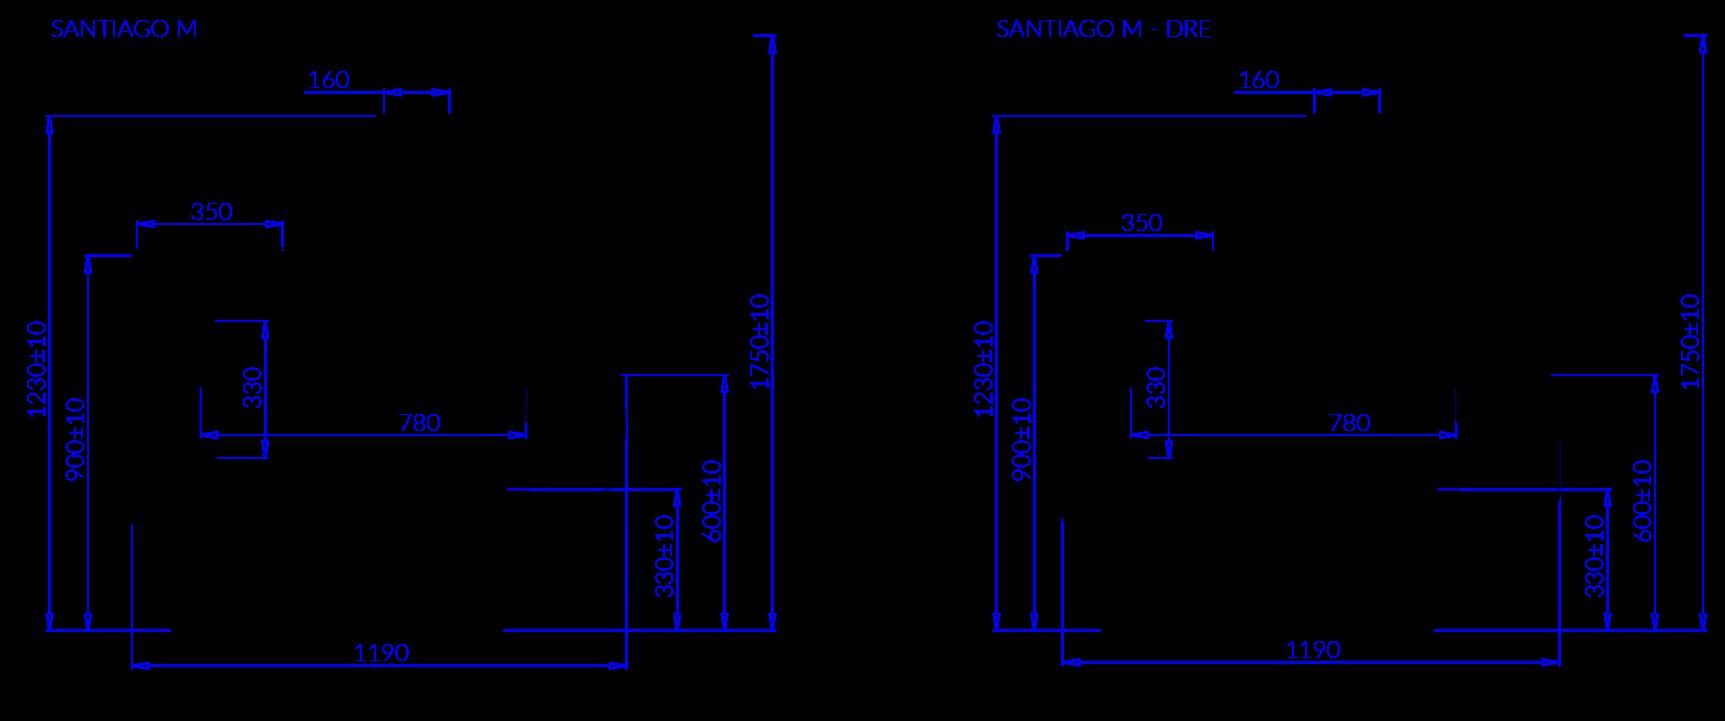 Rysunek techniczny Witryna mroźnicza SANTIAGO M DRE